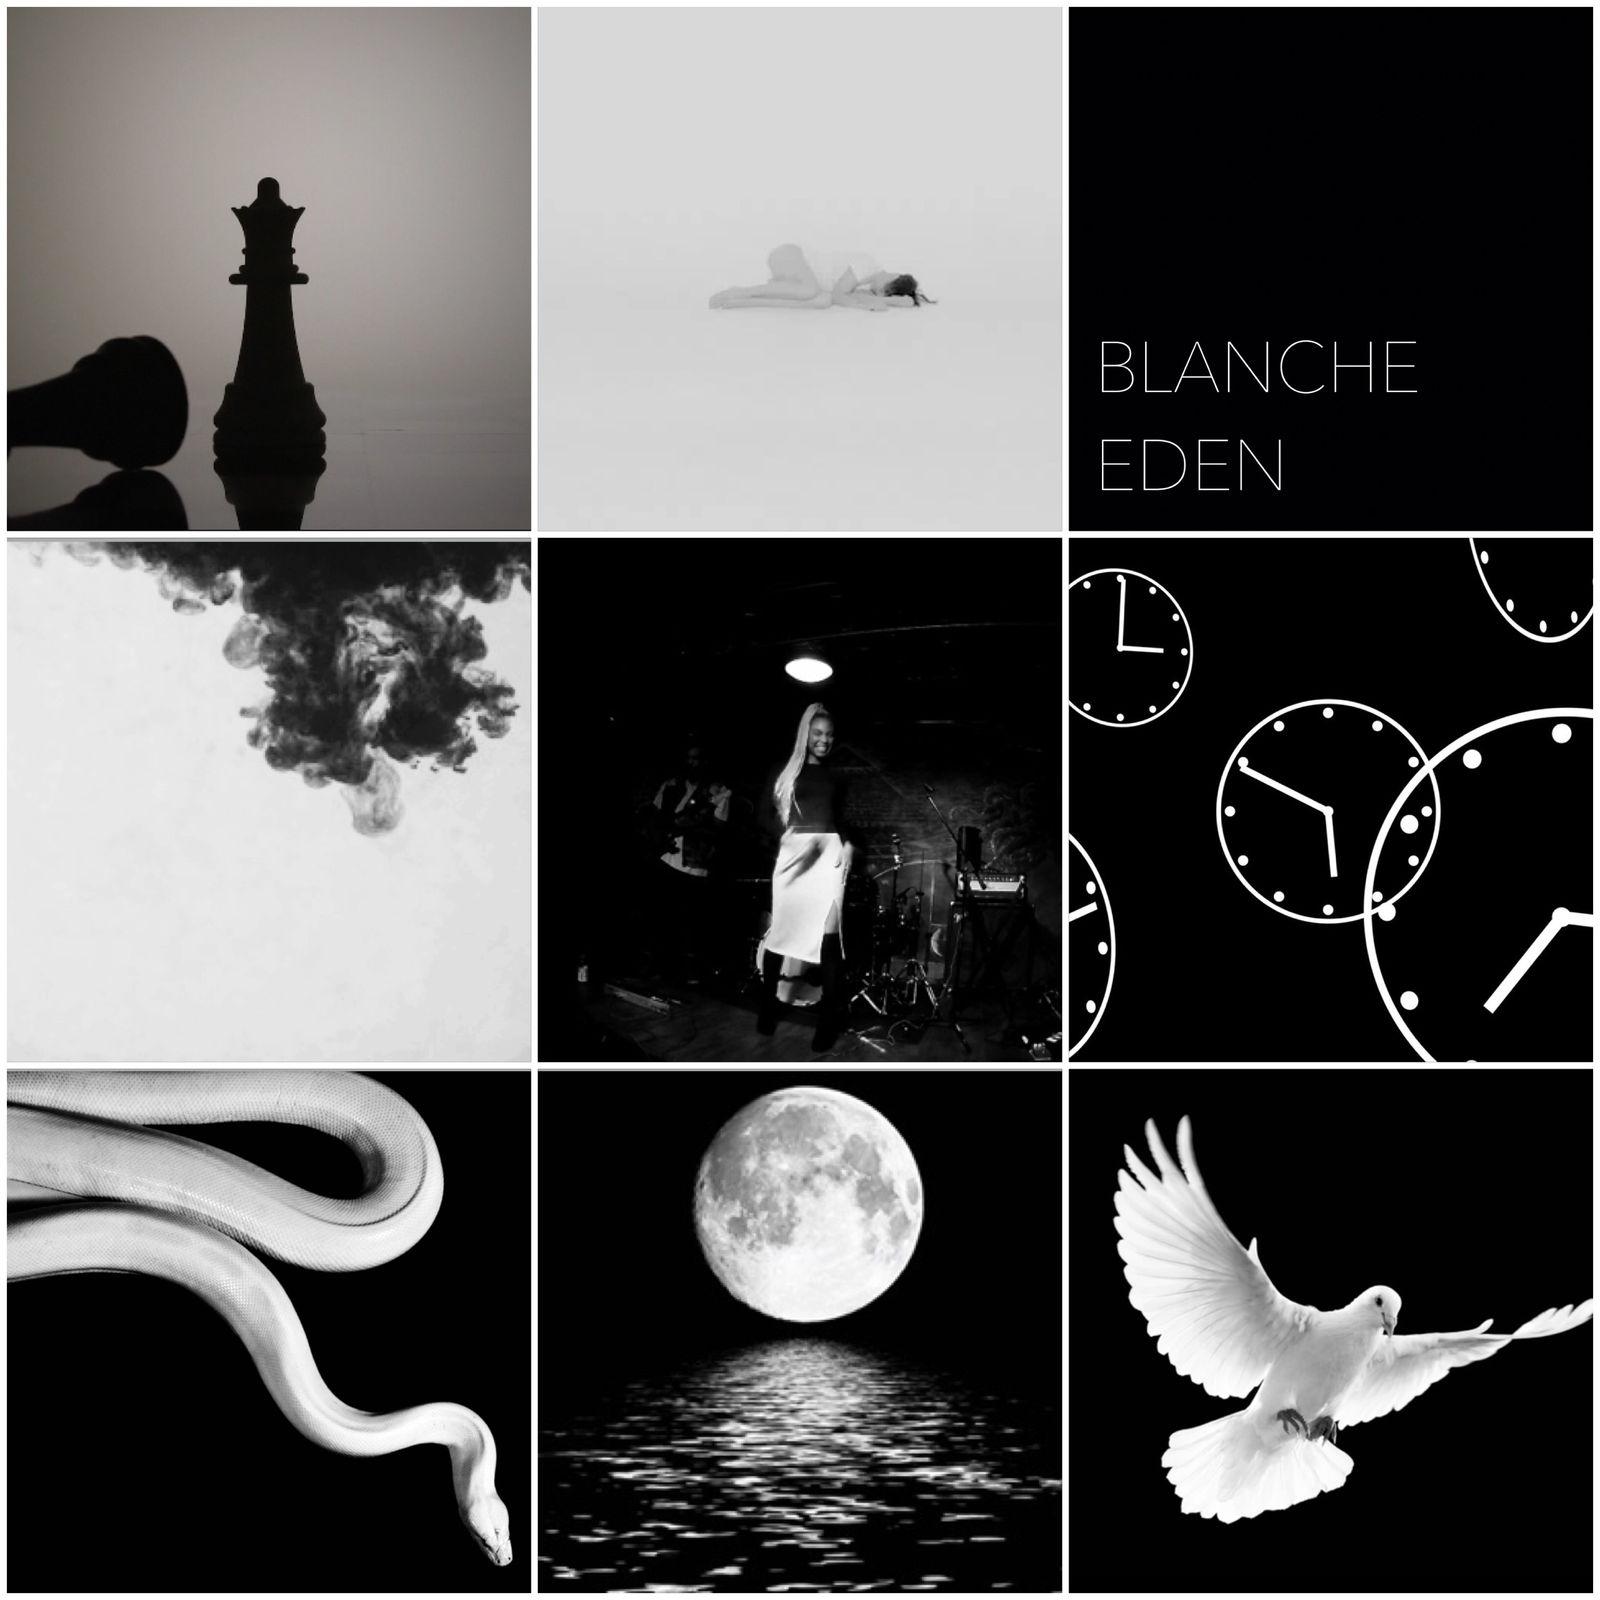 Blanche Eden